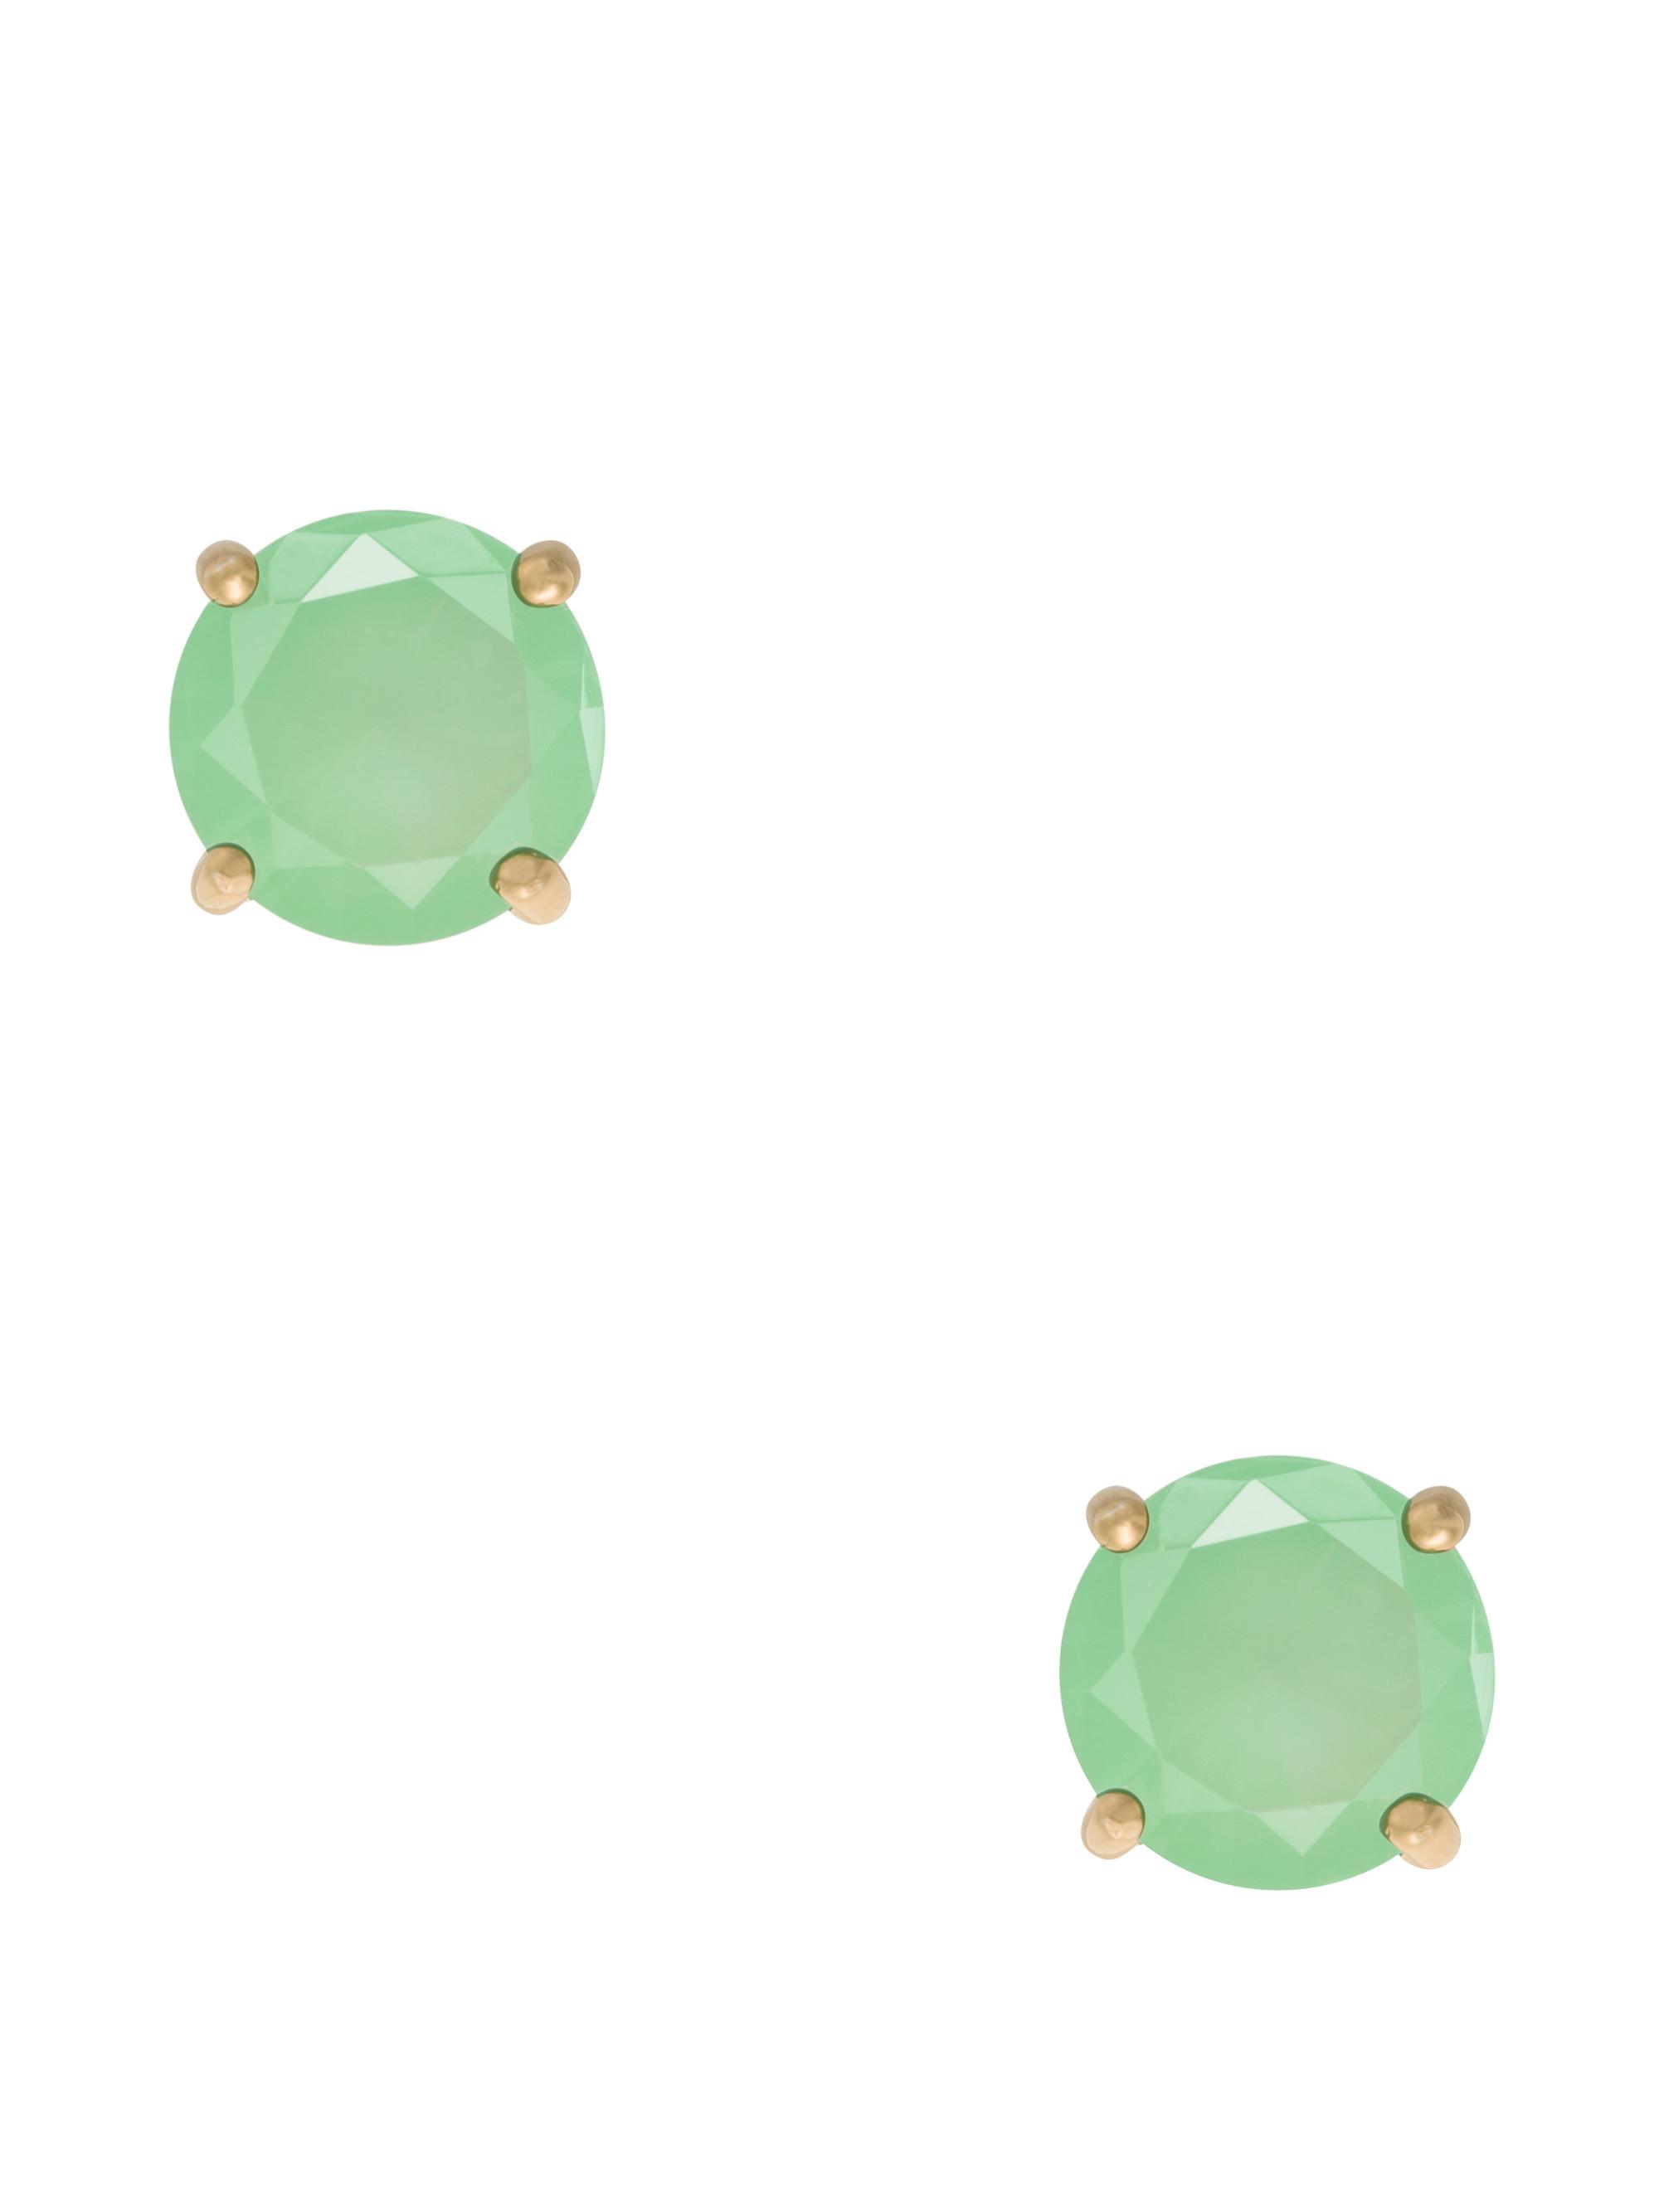 961a4158ce046 kate spade new york Green Gumdrops Studs